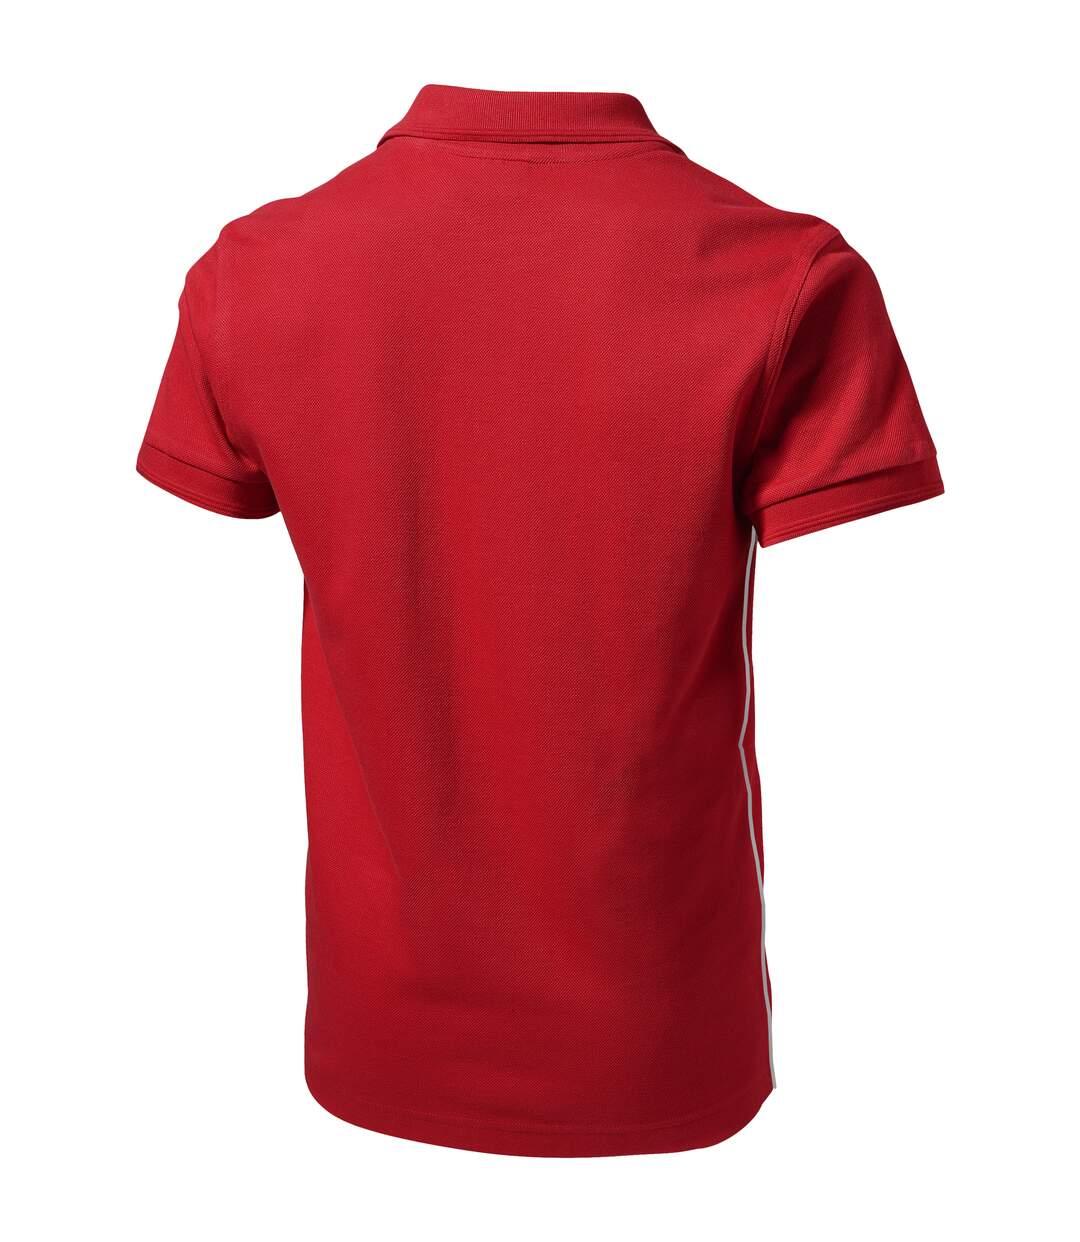 Slazenger Mens Backhand Short Sleeve Polo (Red) - UTPF1734